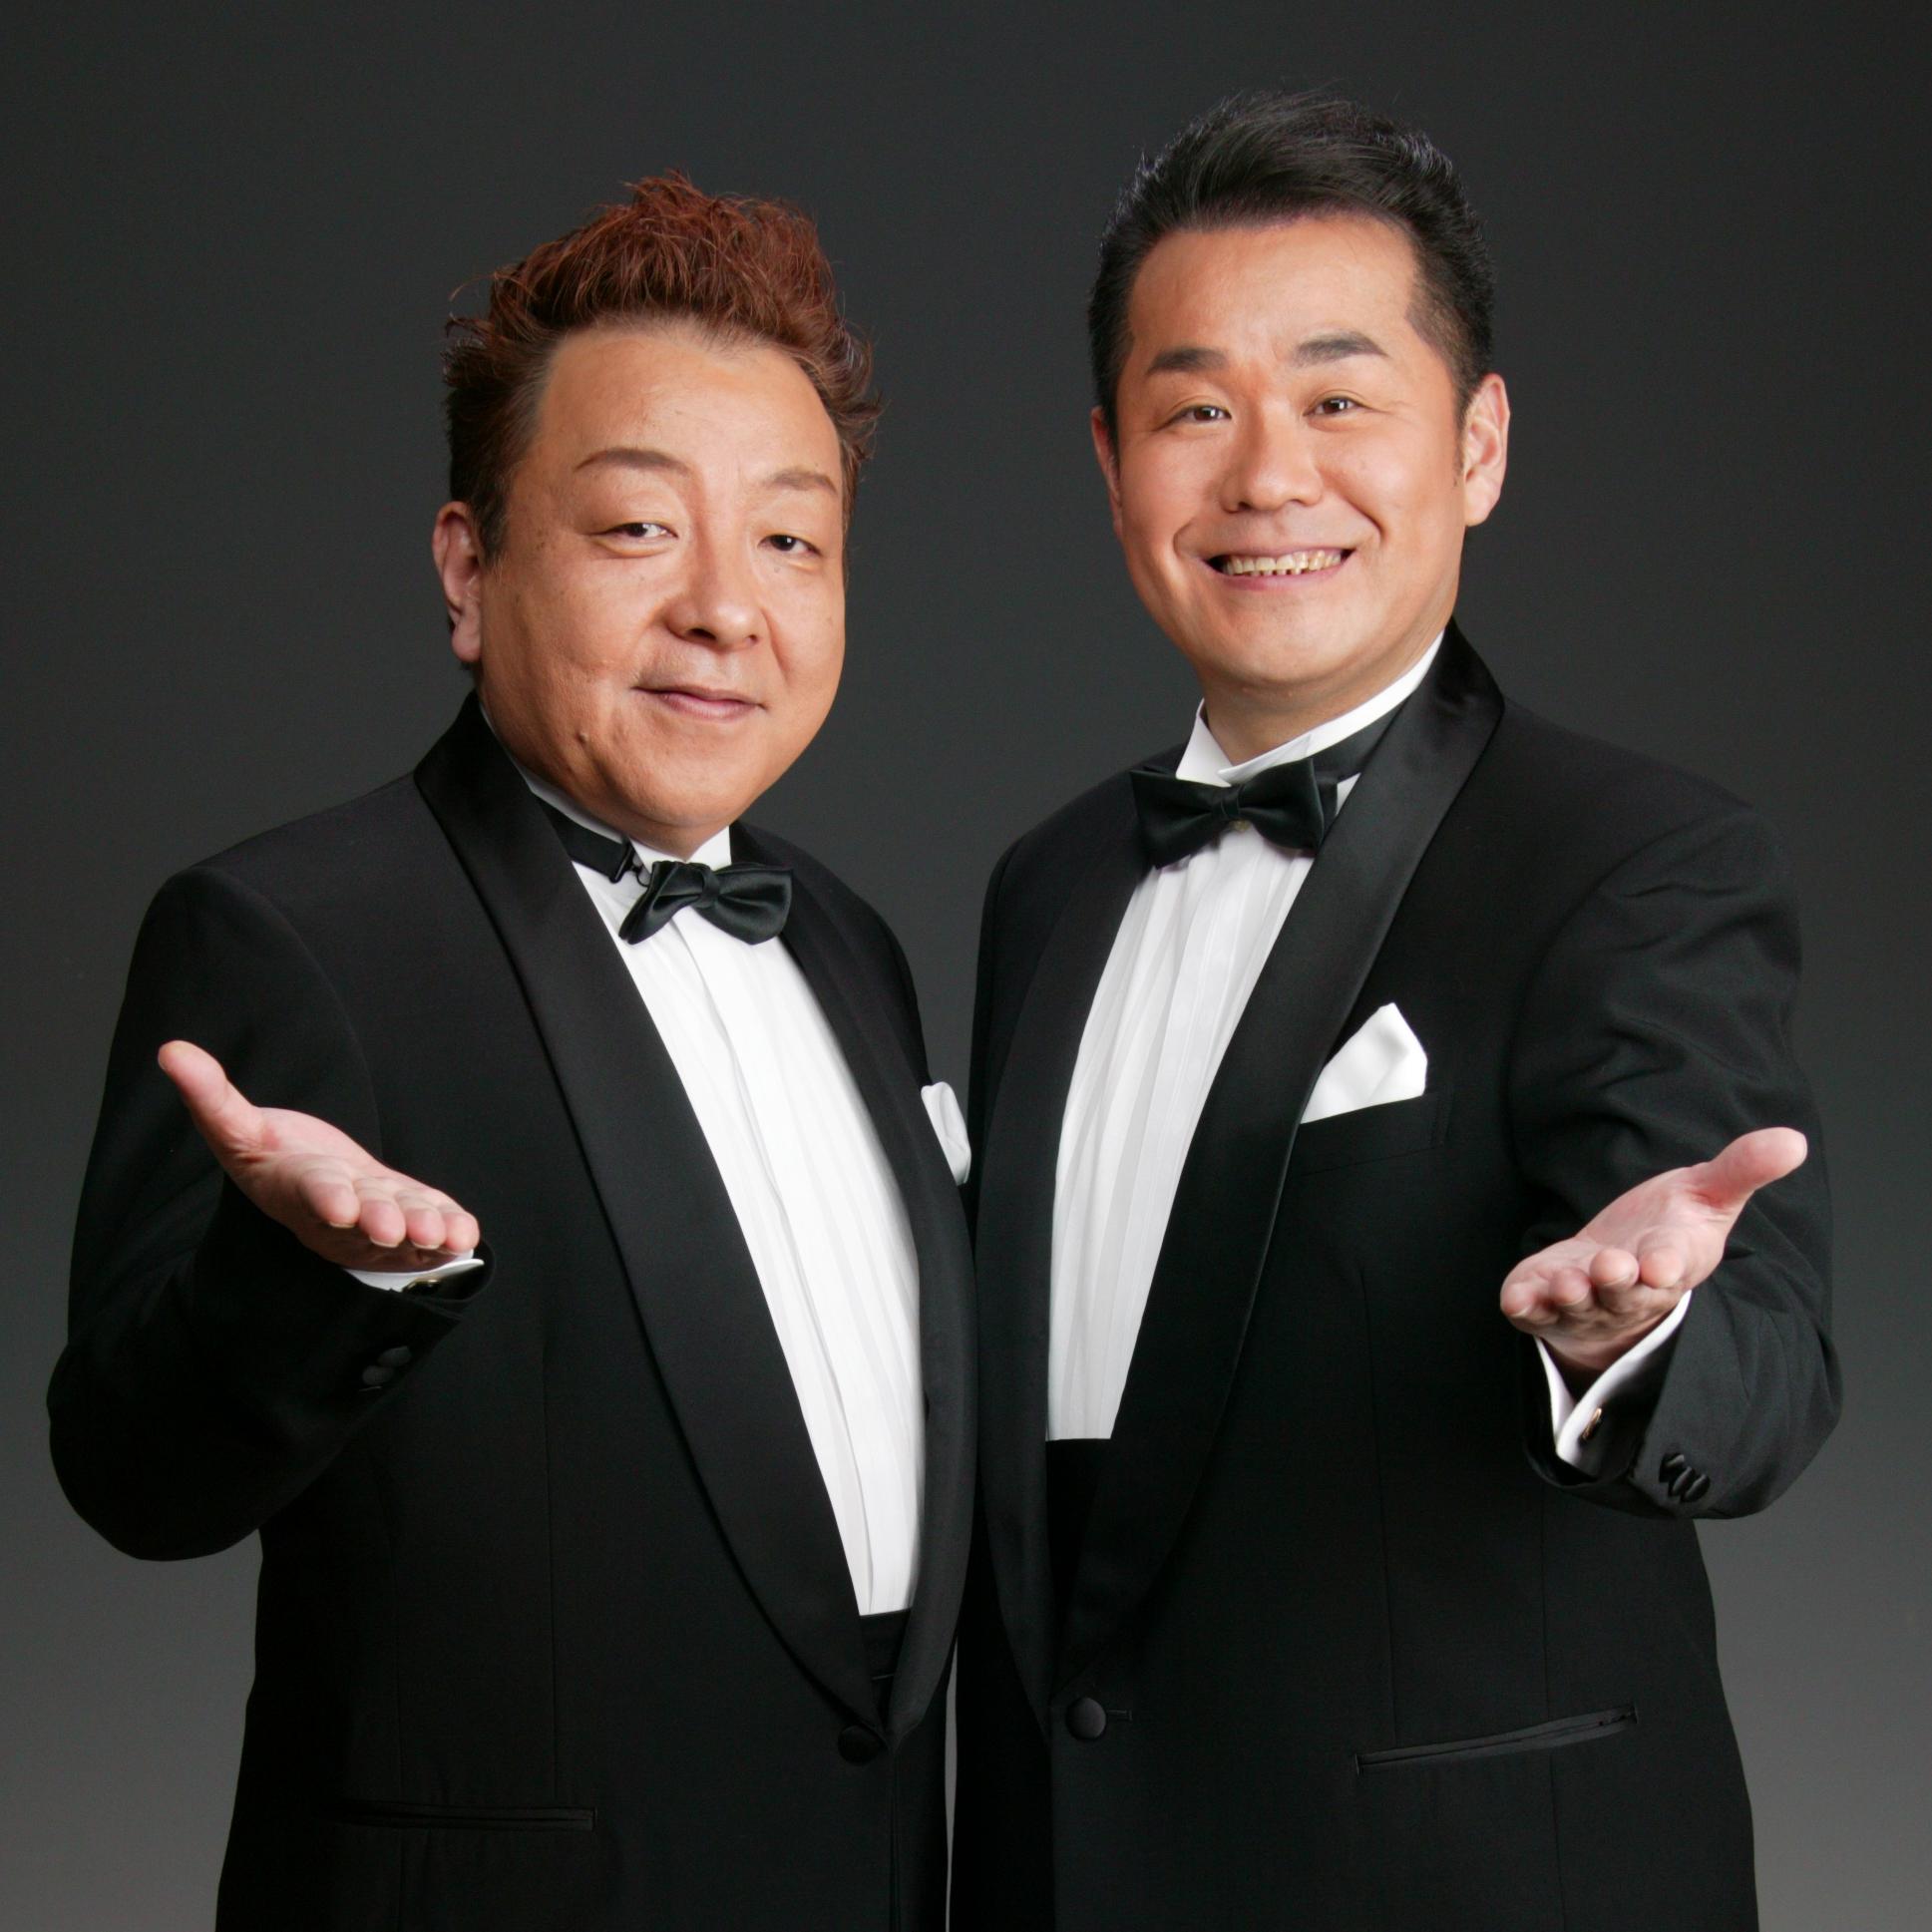 ノブ&フッキー/Nobu & Fukky